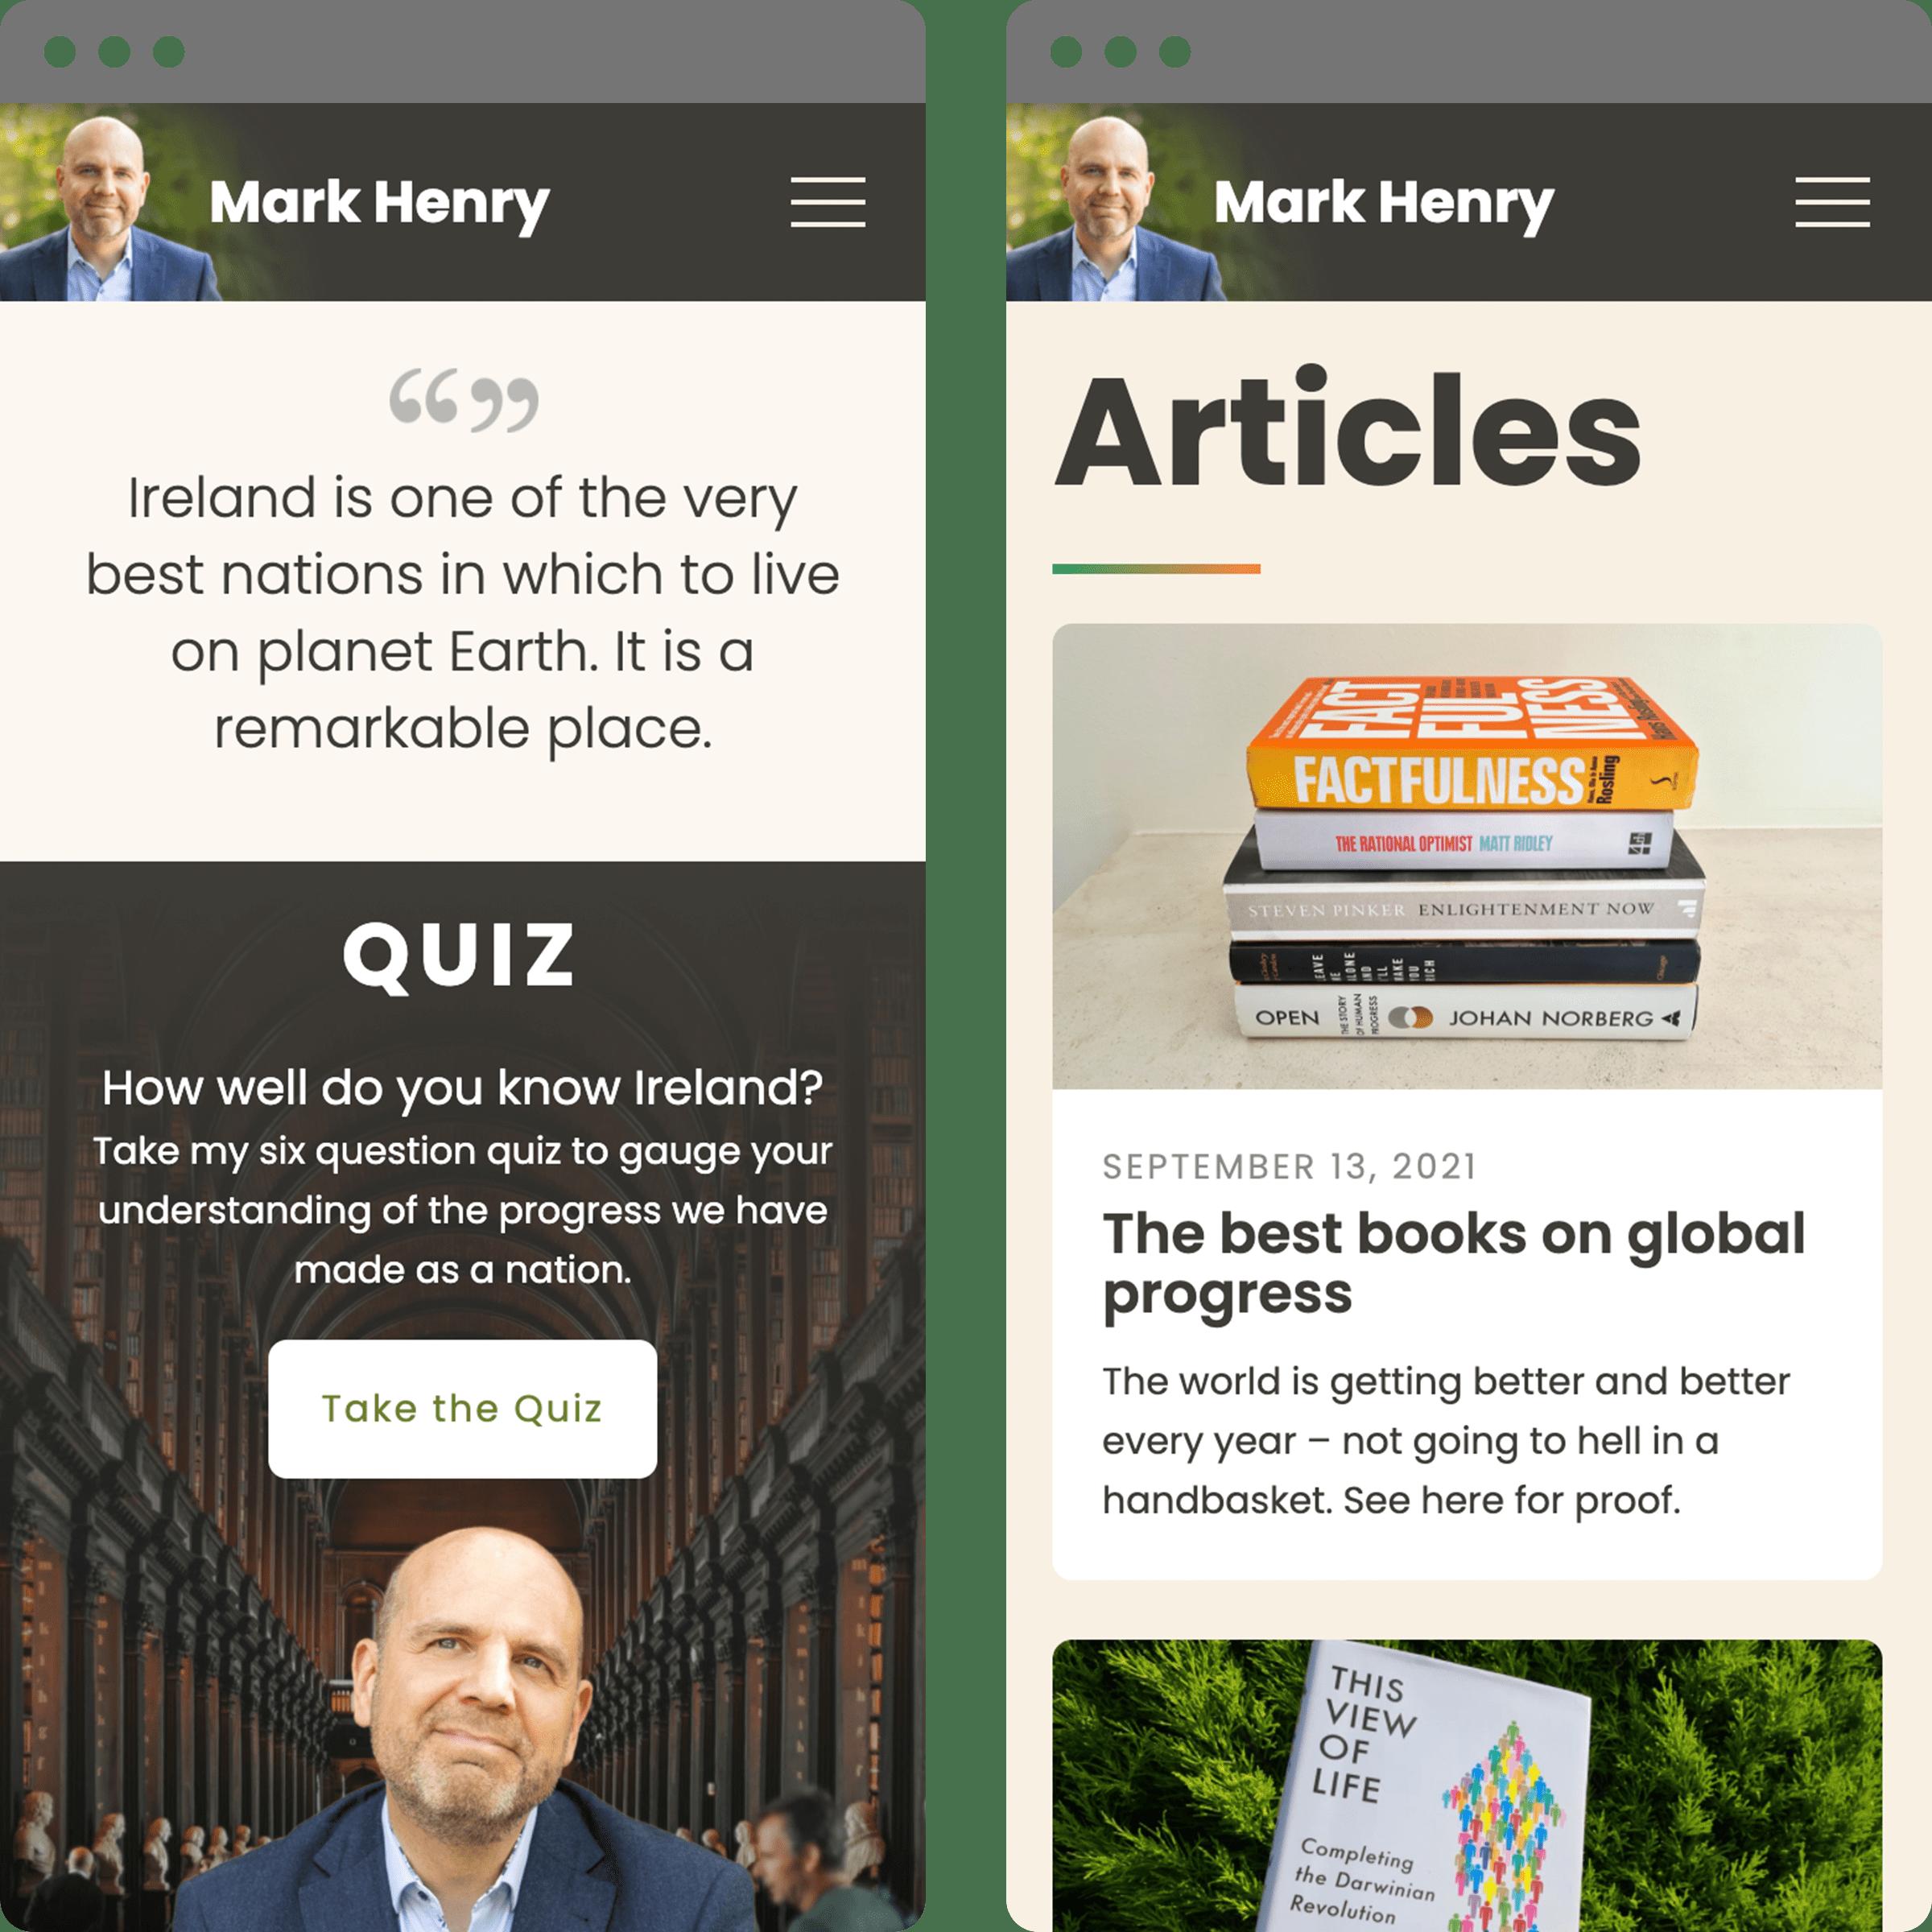 Mark Henry website - mobile views